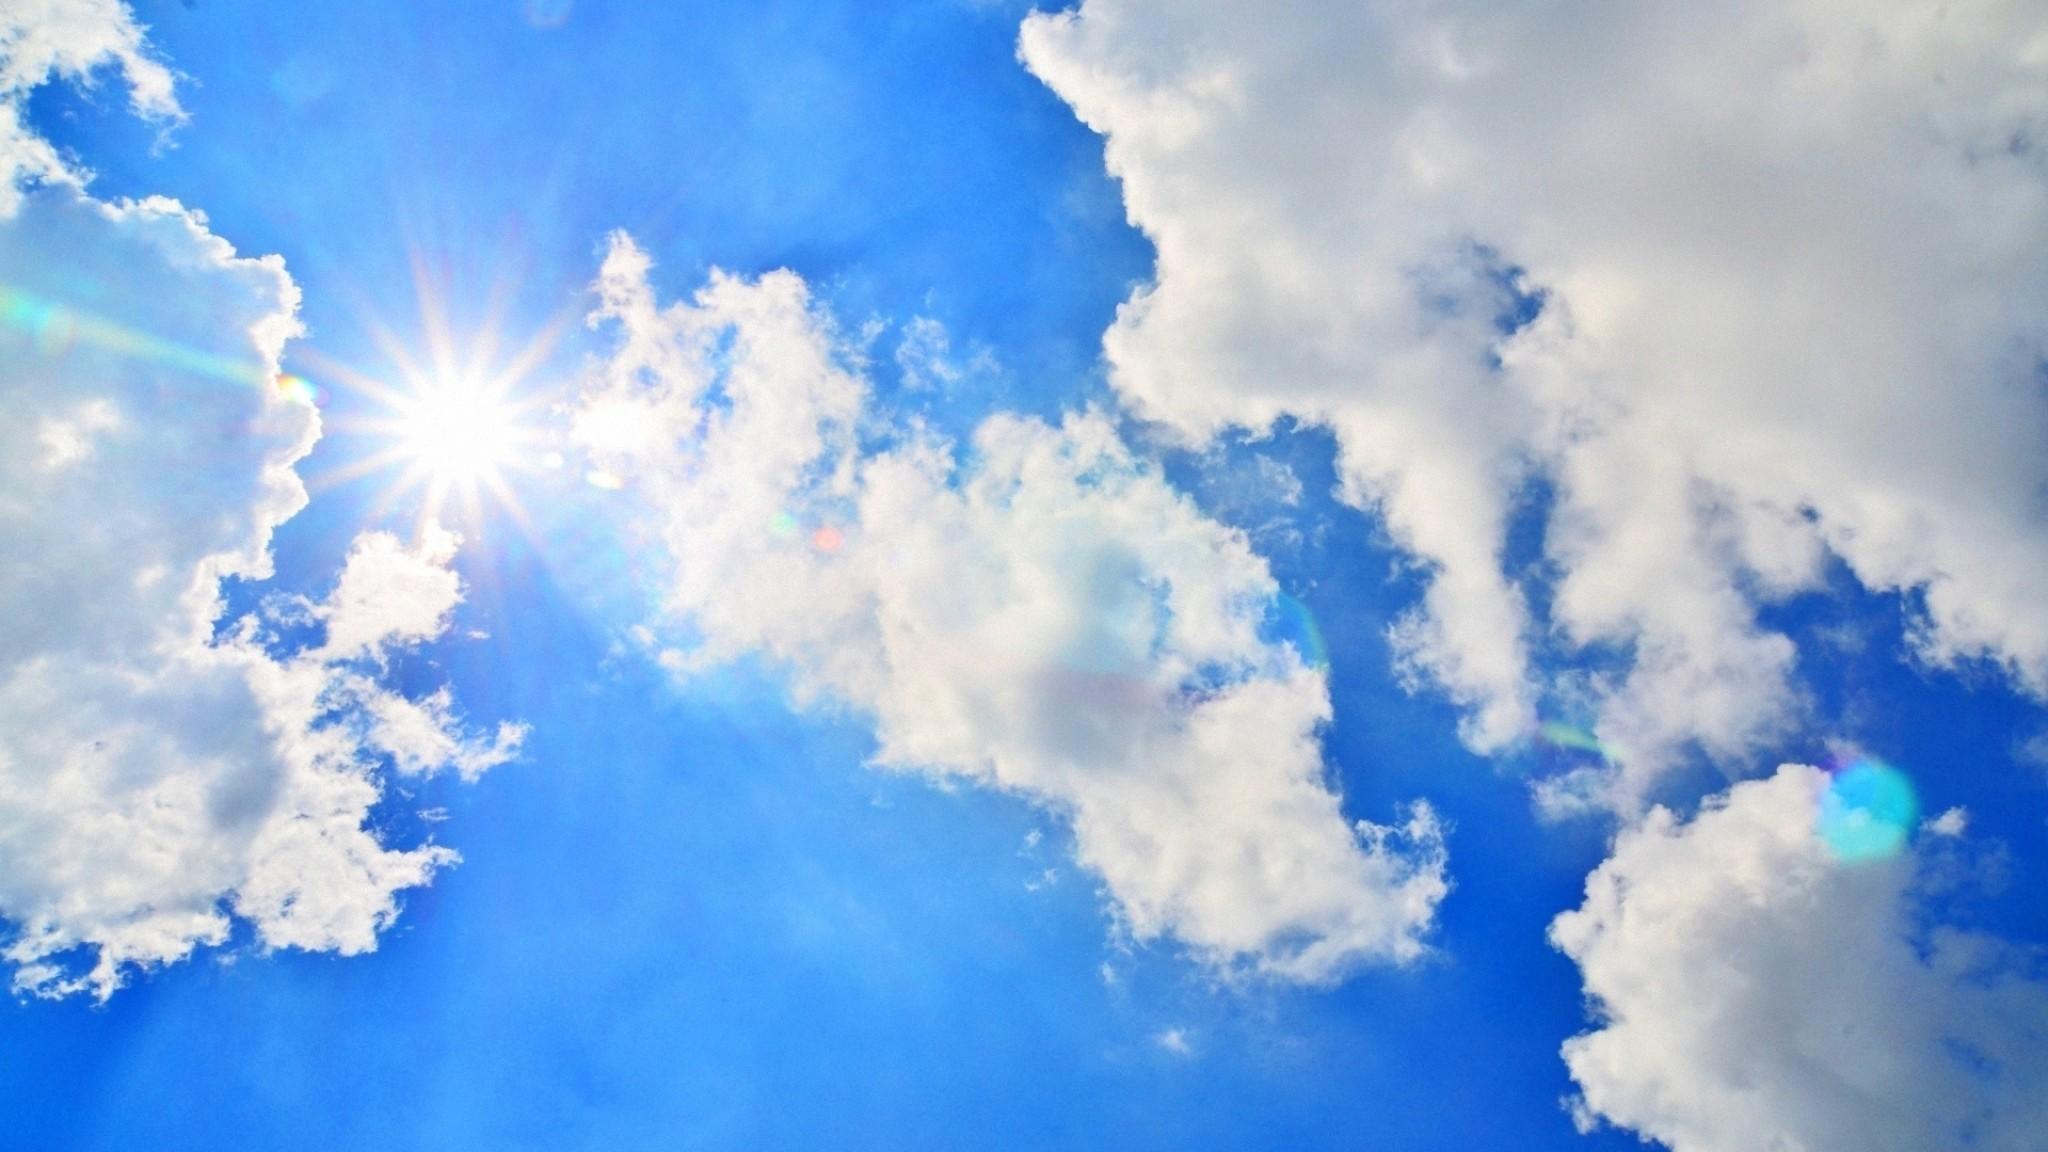 Wallpaper blue sky, sun, light, clouds, day, air